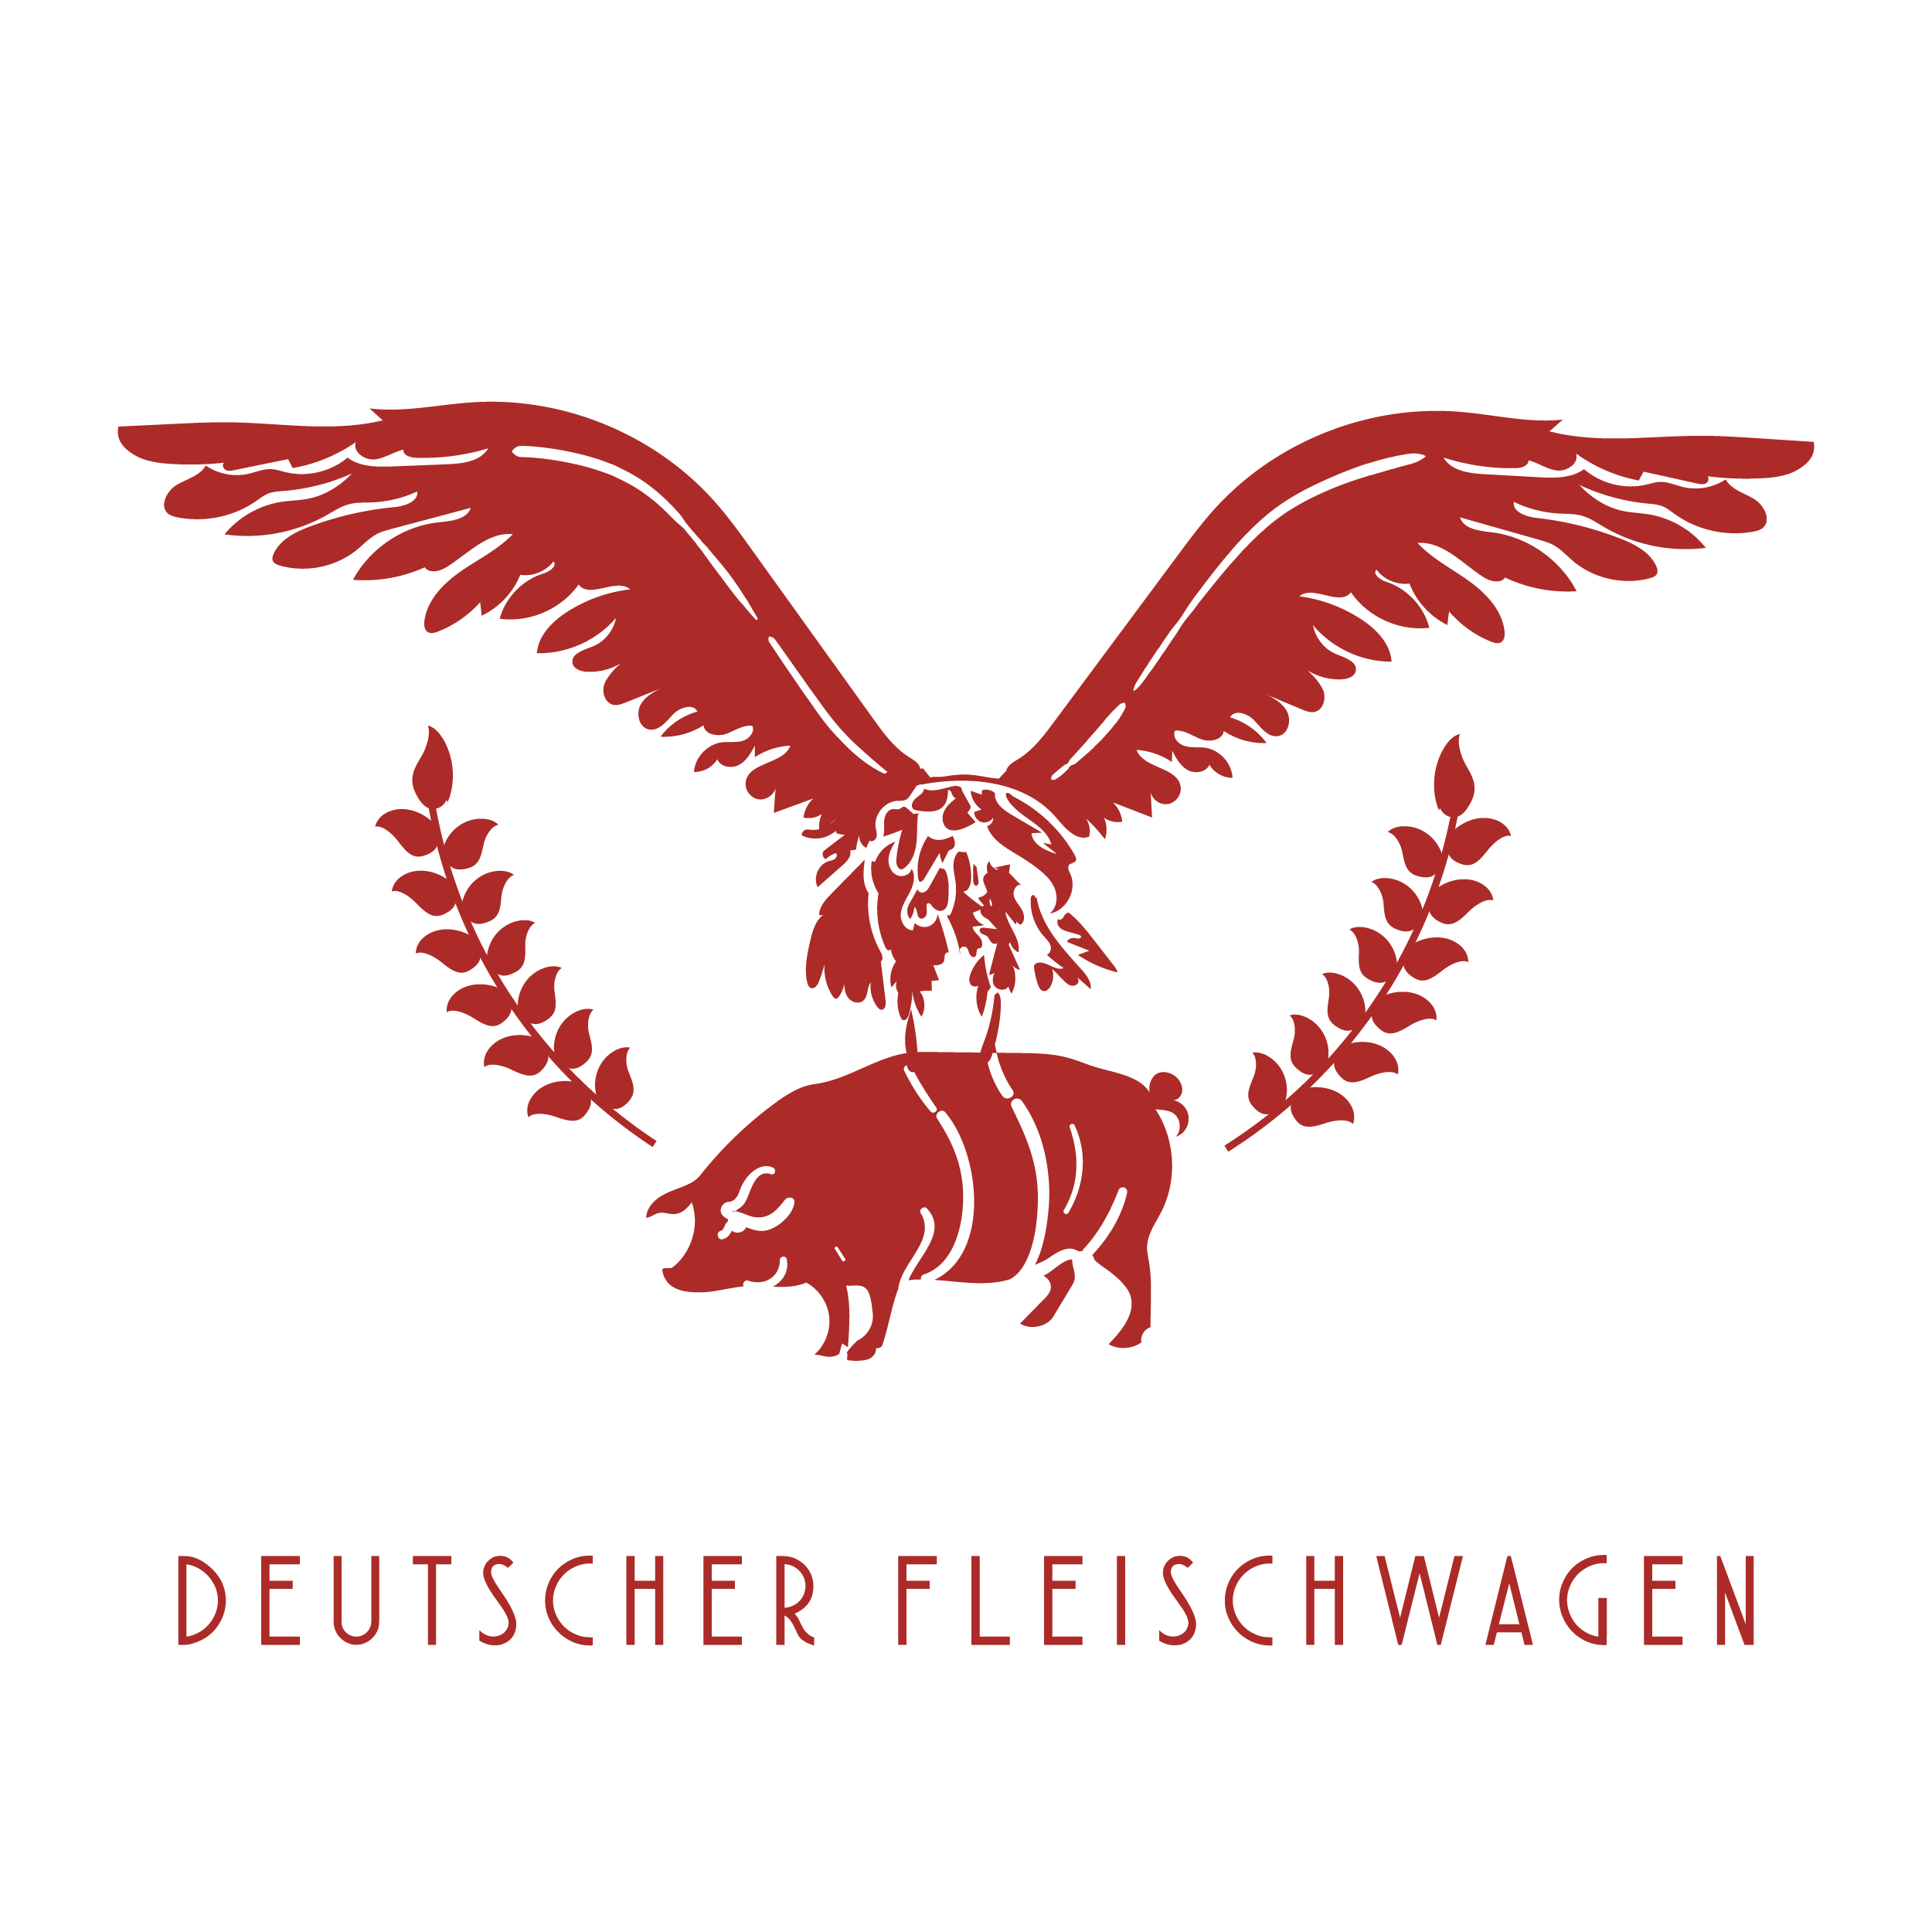 Deutscher Fleischwagen